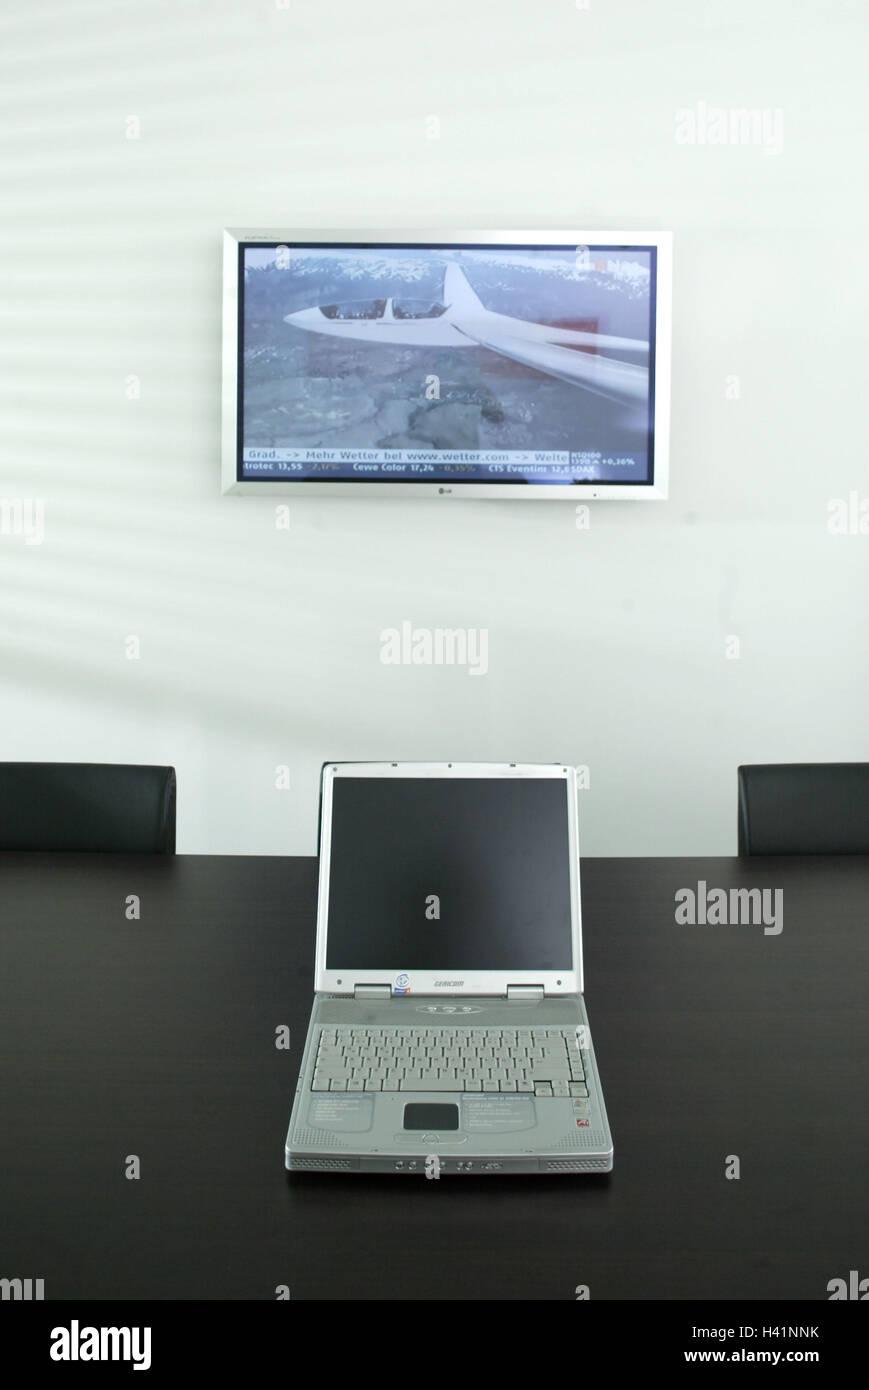 Treffen Konferenztisch Laptop Wand Flachbild Tv Konferenzraum